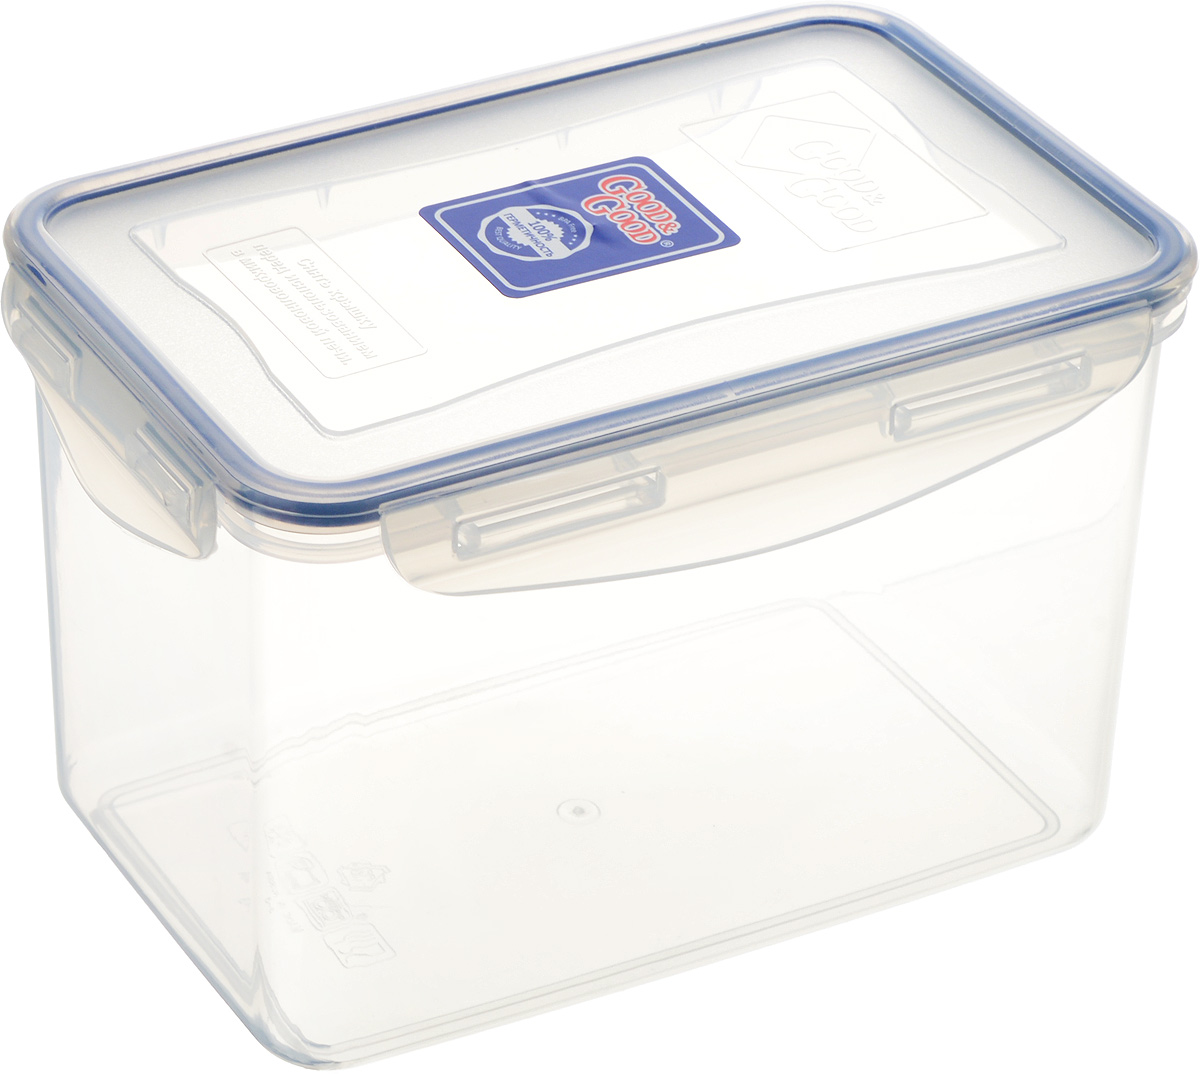 Контейнер пищевой Good&Good, цвет: прозрачный, темно-синий, 2,2 л3-3_прозрачный, темно-синийПрямоугольный контейнер Good&Good изготовлен извысококачественного полипропилена и предназначен дляхранения любых пищевых продуктов. Благодаря особымтехнологиям изготовления, лотки в течение временислужбы не меняют цвет и не пропитываются запахами. Крышкас силиконовой вставкой герметично защелкиваетсяспециальным механизмом.Контейнер Good&Good удобен для ежедневногоиспользования в быту. Можно мыть в посудомоечной машине и использовать вмикроволновой печи. Размер контейнера (с учетом крышки): 20 х 13,5 х 13 см.